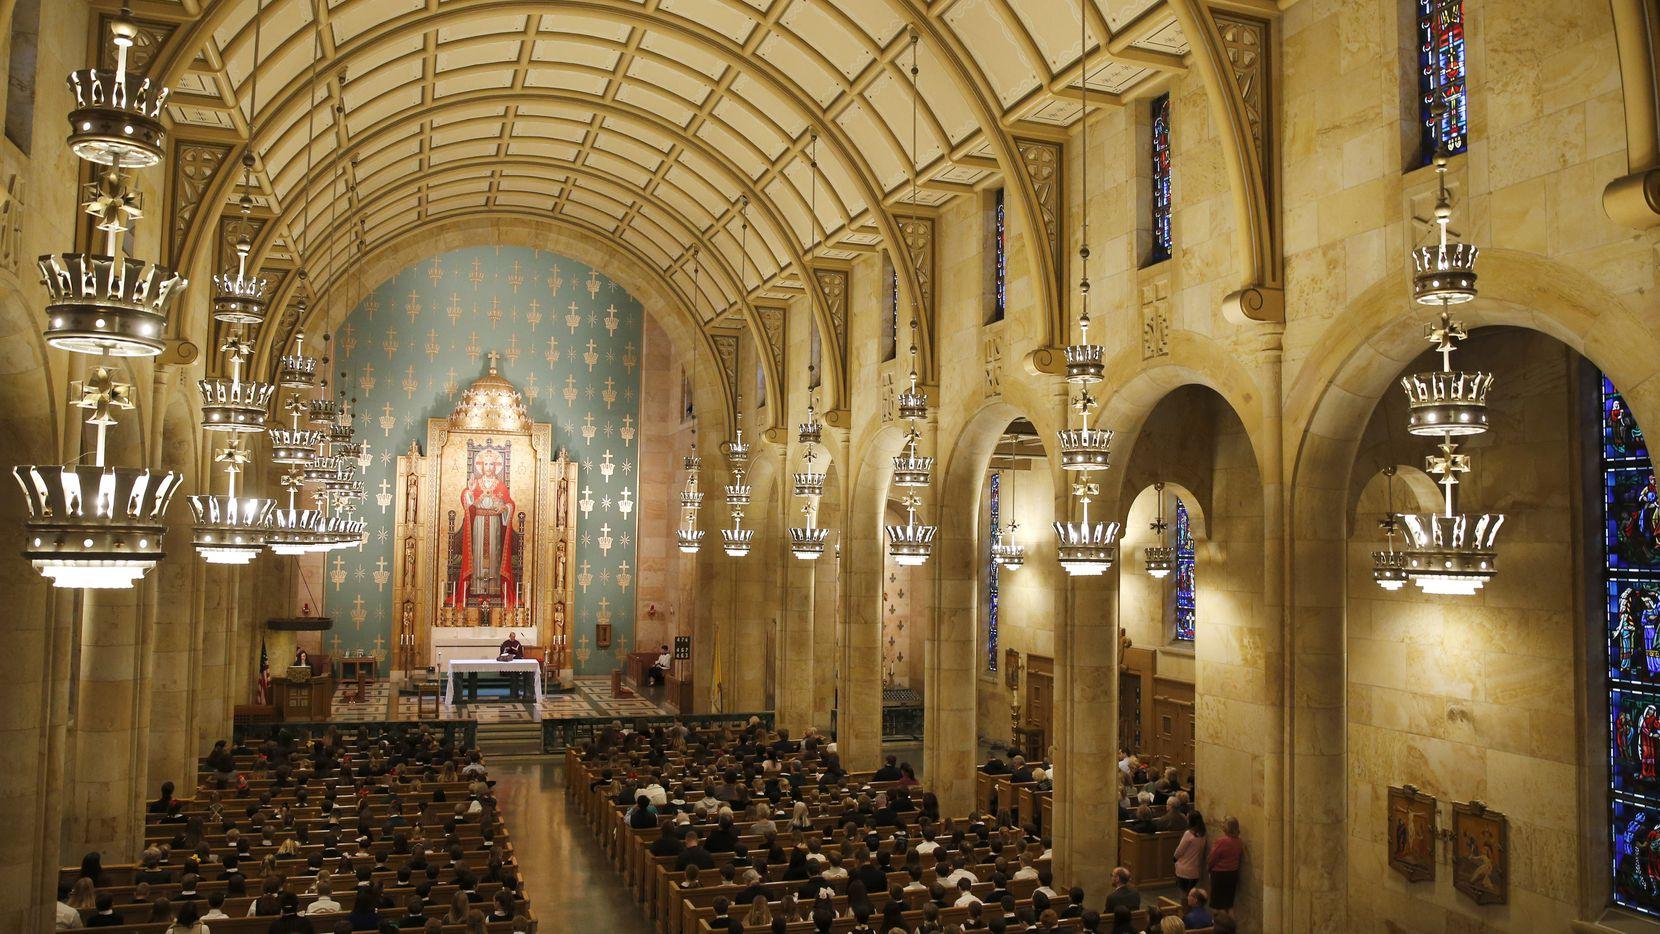 Las misas en Dallas quedaron suspendidas el viernes. Otras comunidades religiosas también suspendieron o limitaron sus ritos.